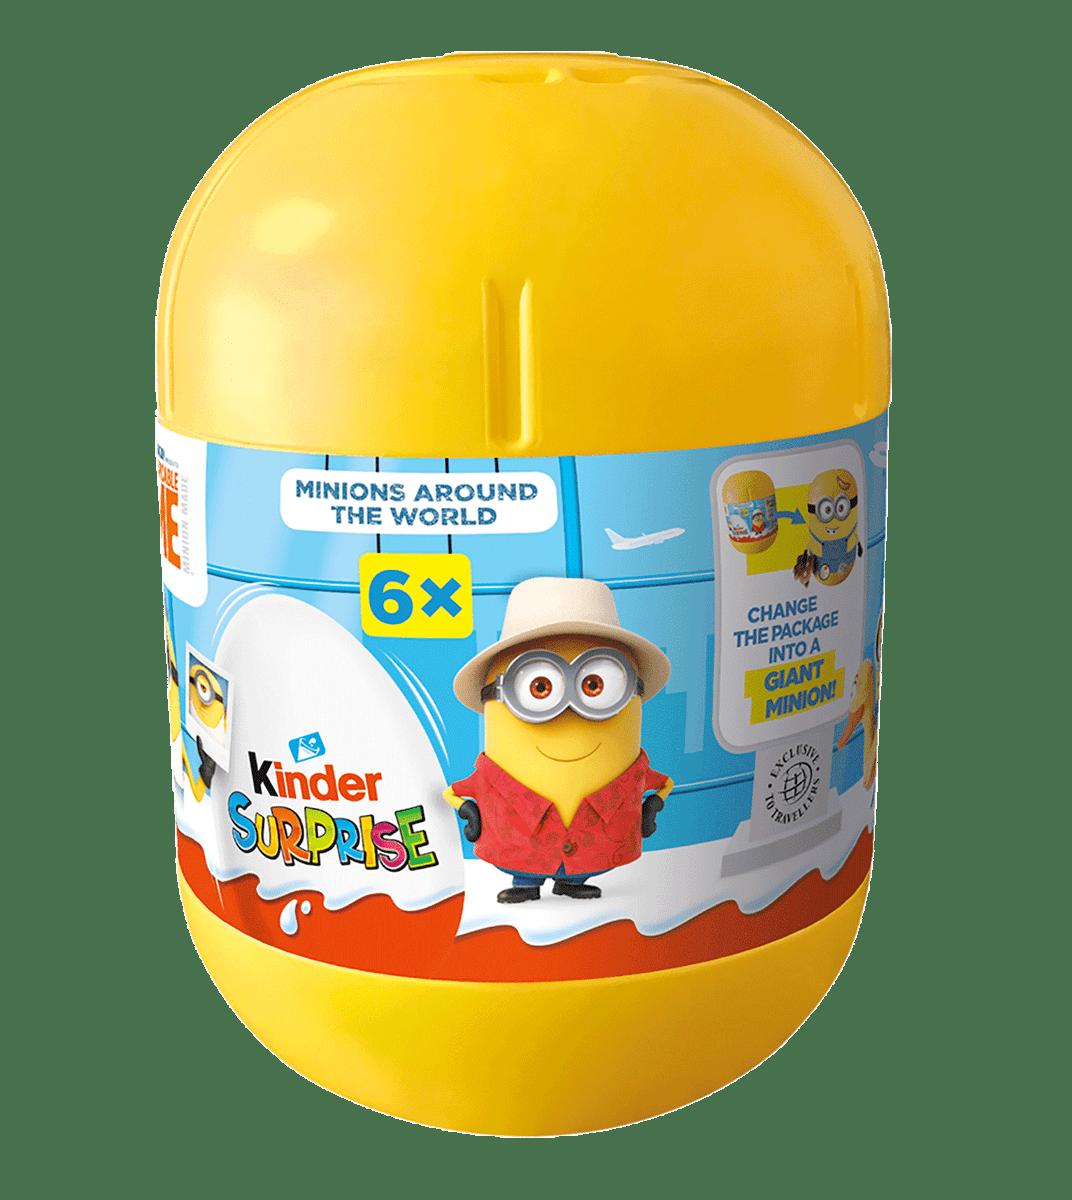 Kinder Surprise Minions 120g (6 eggs)